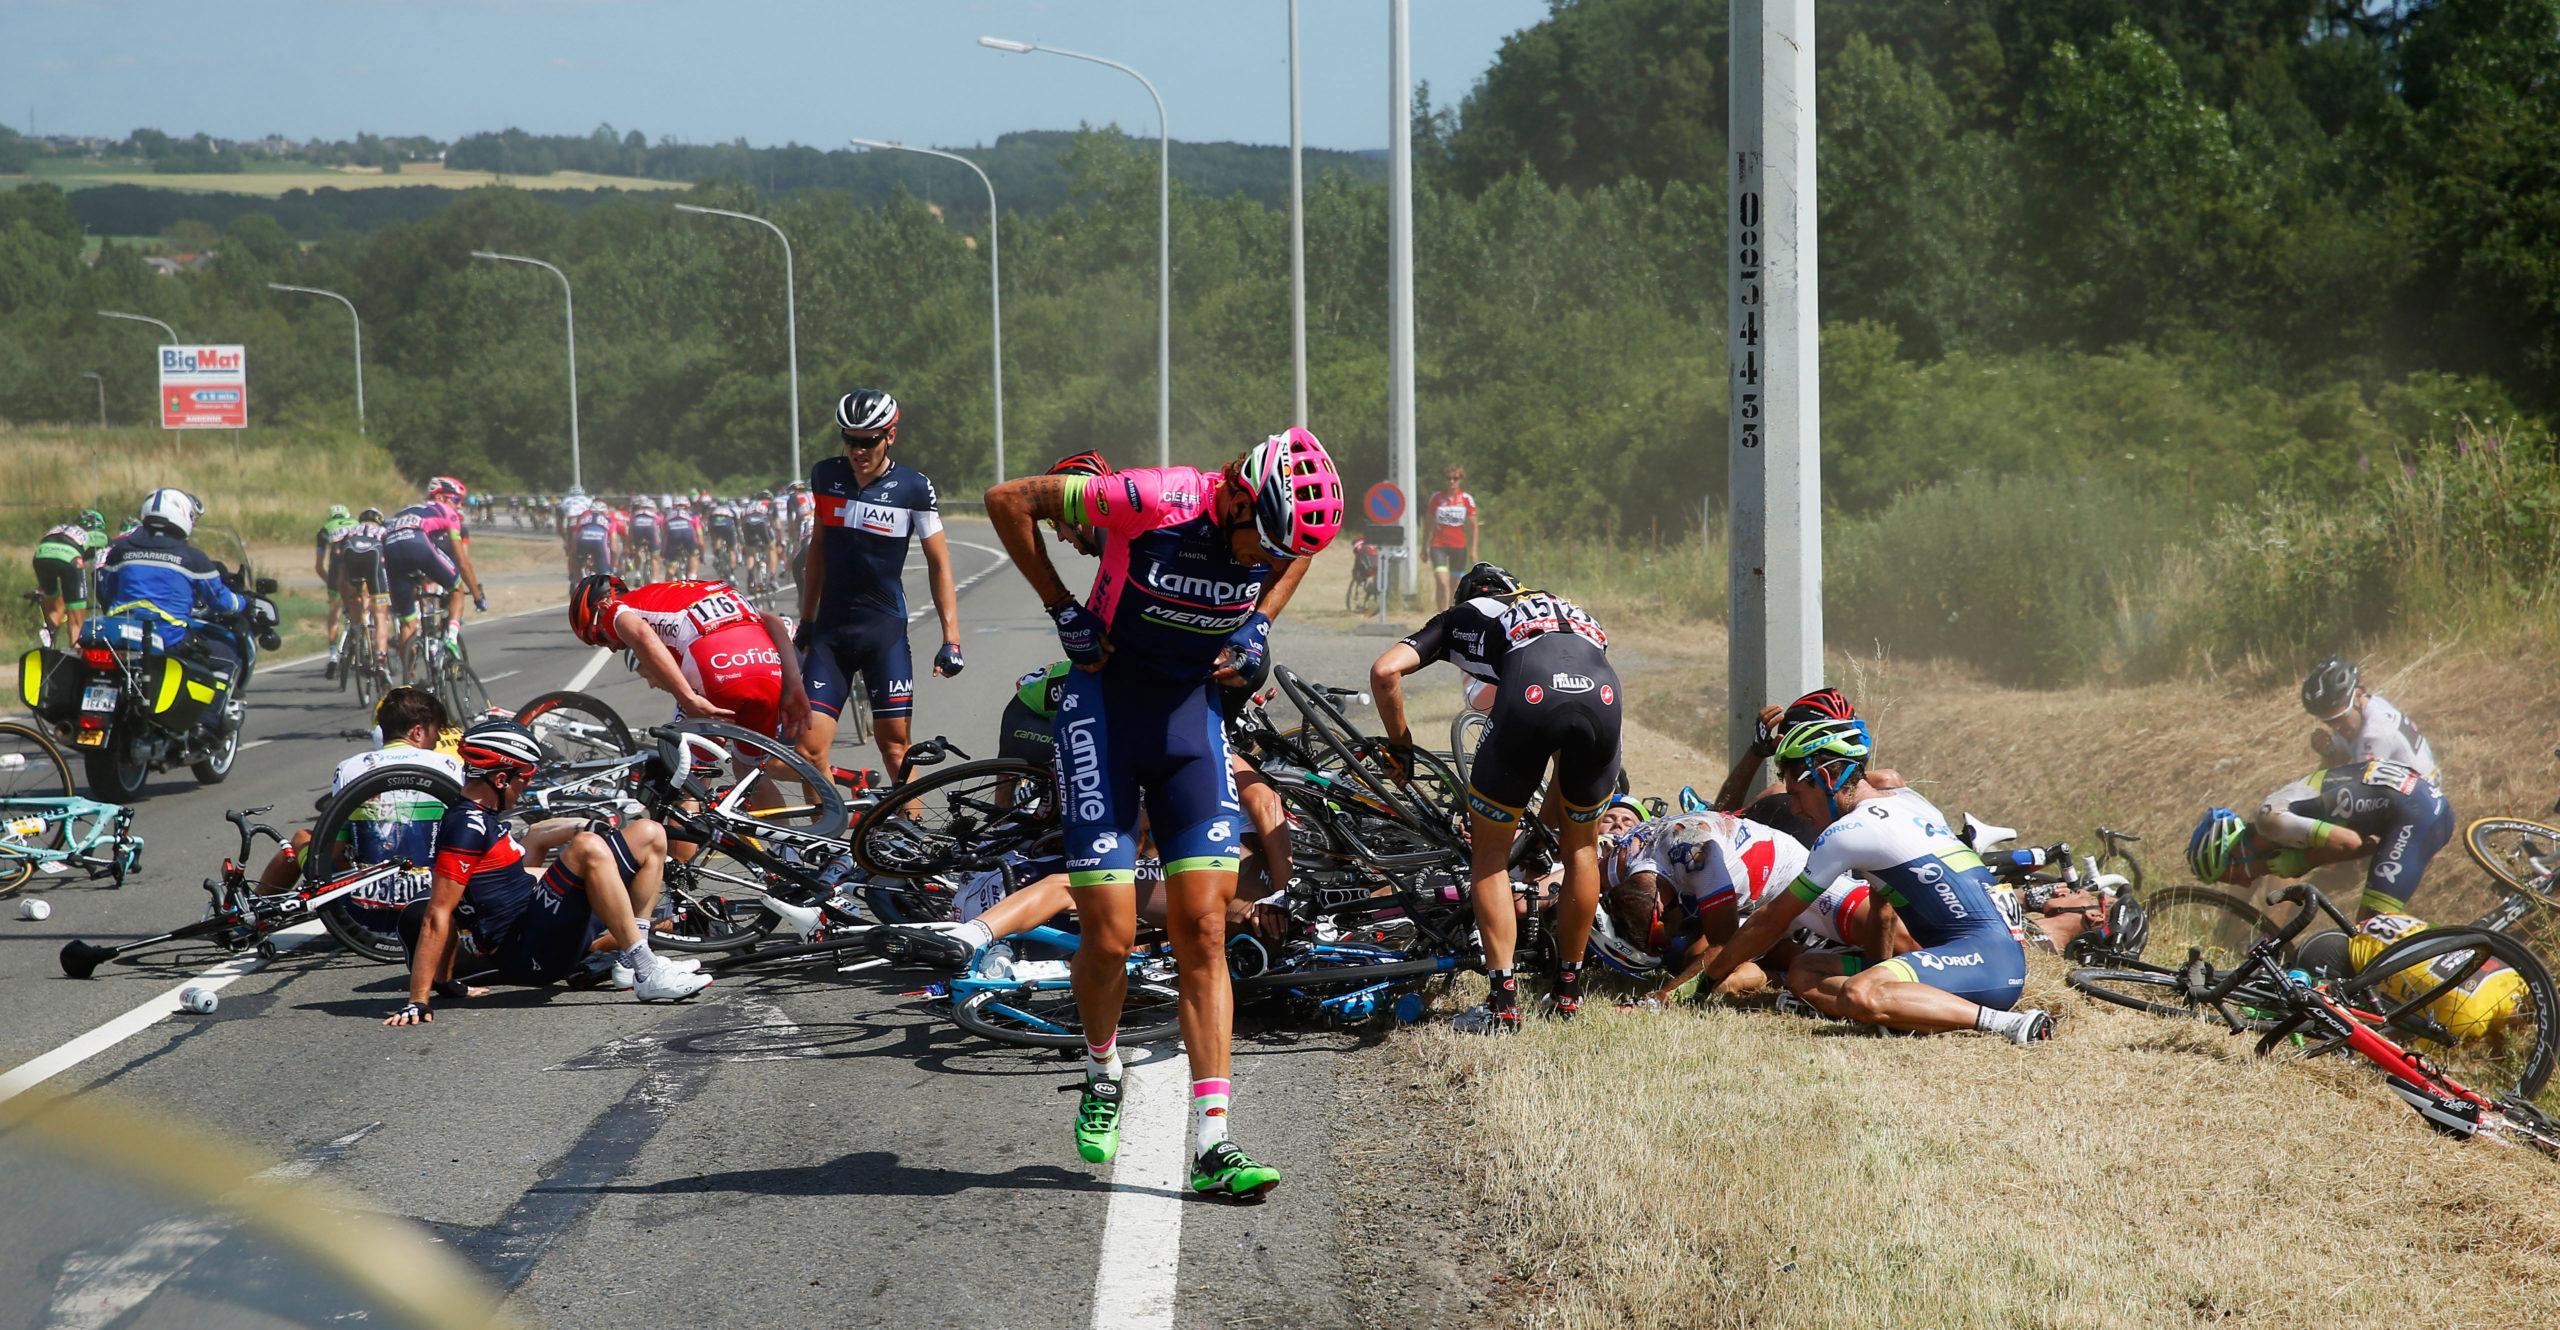 via http://deadspin.com/massive-tour-de-france-crash-takes-out-20-1716013199